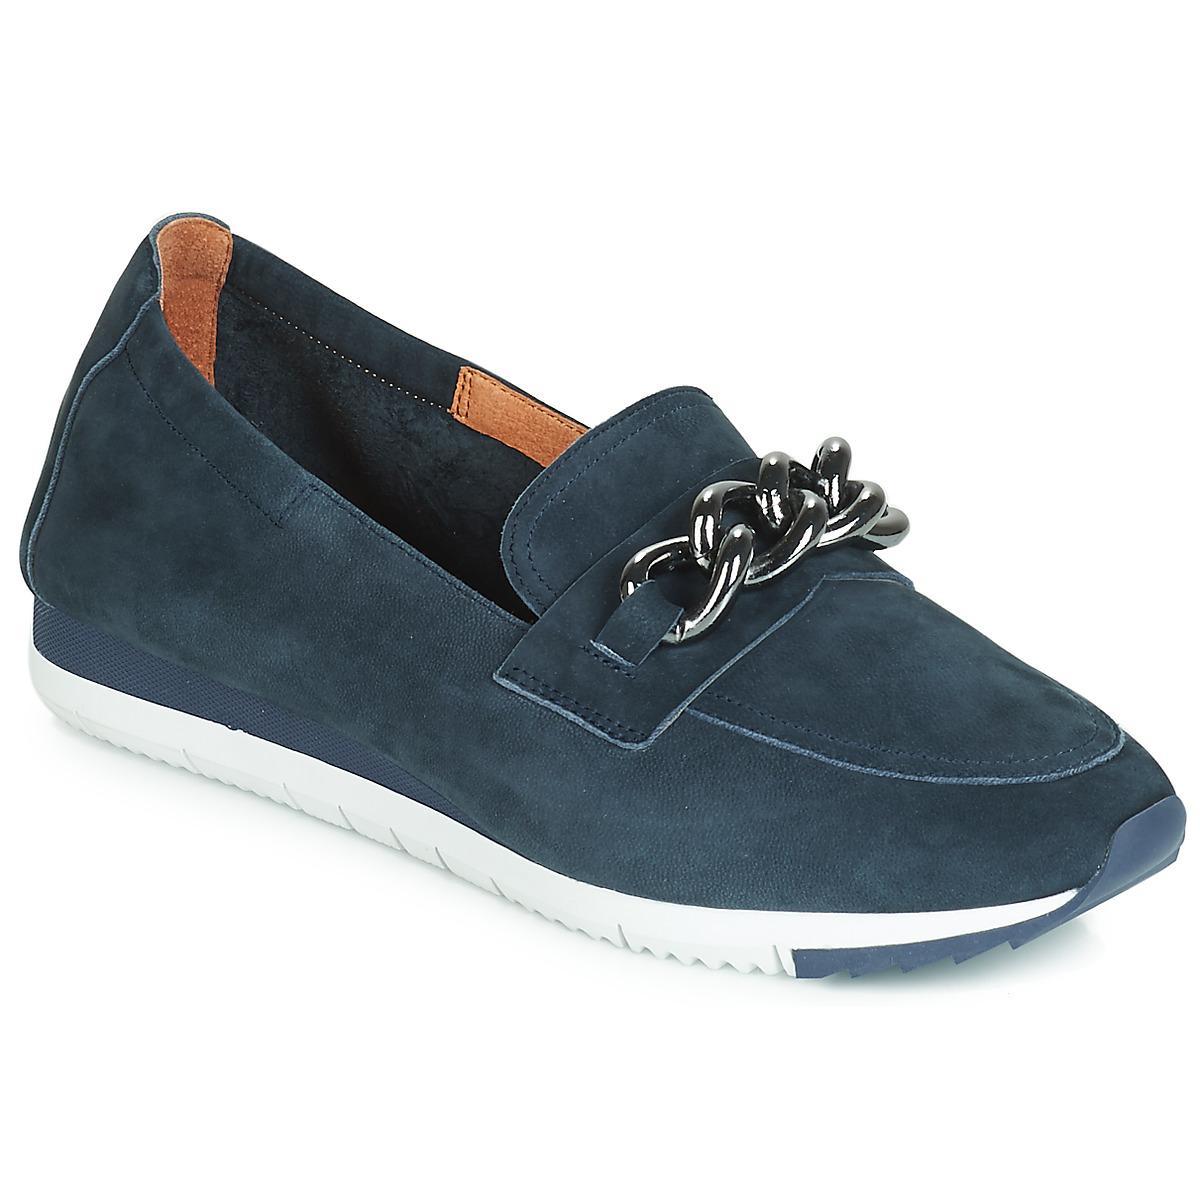 Mam Zelle Envila Women s Loafers   Casual Shoes In Blue in Blue - Lyst